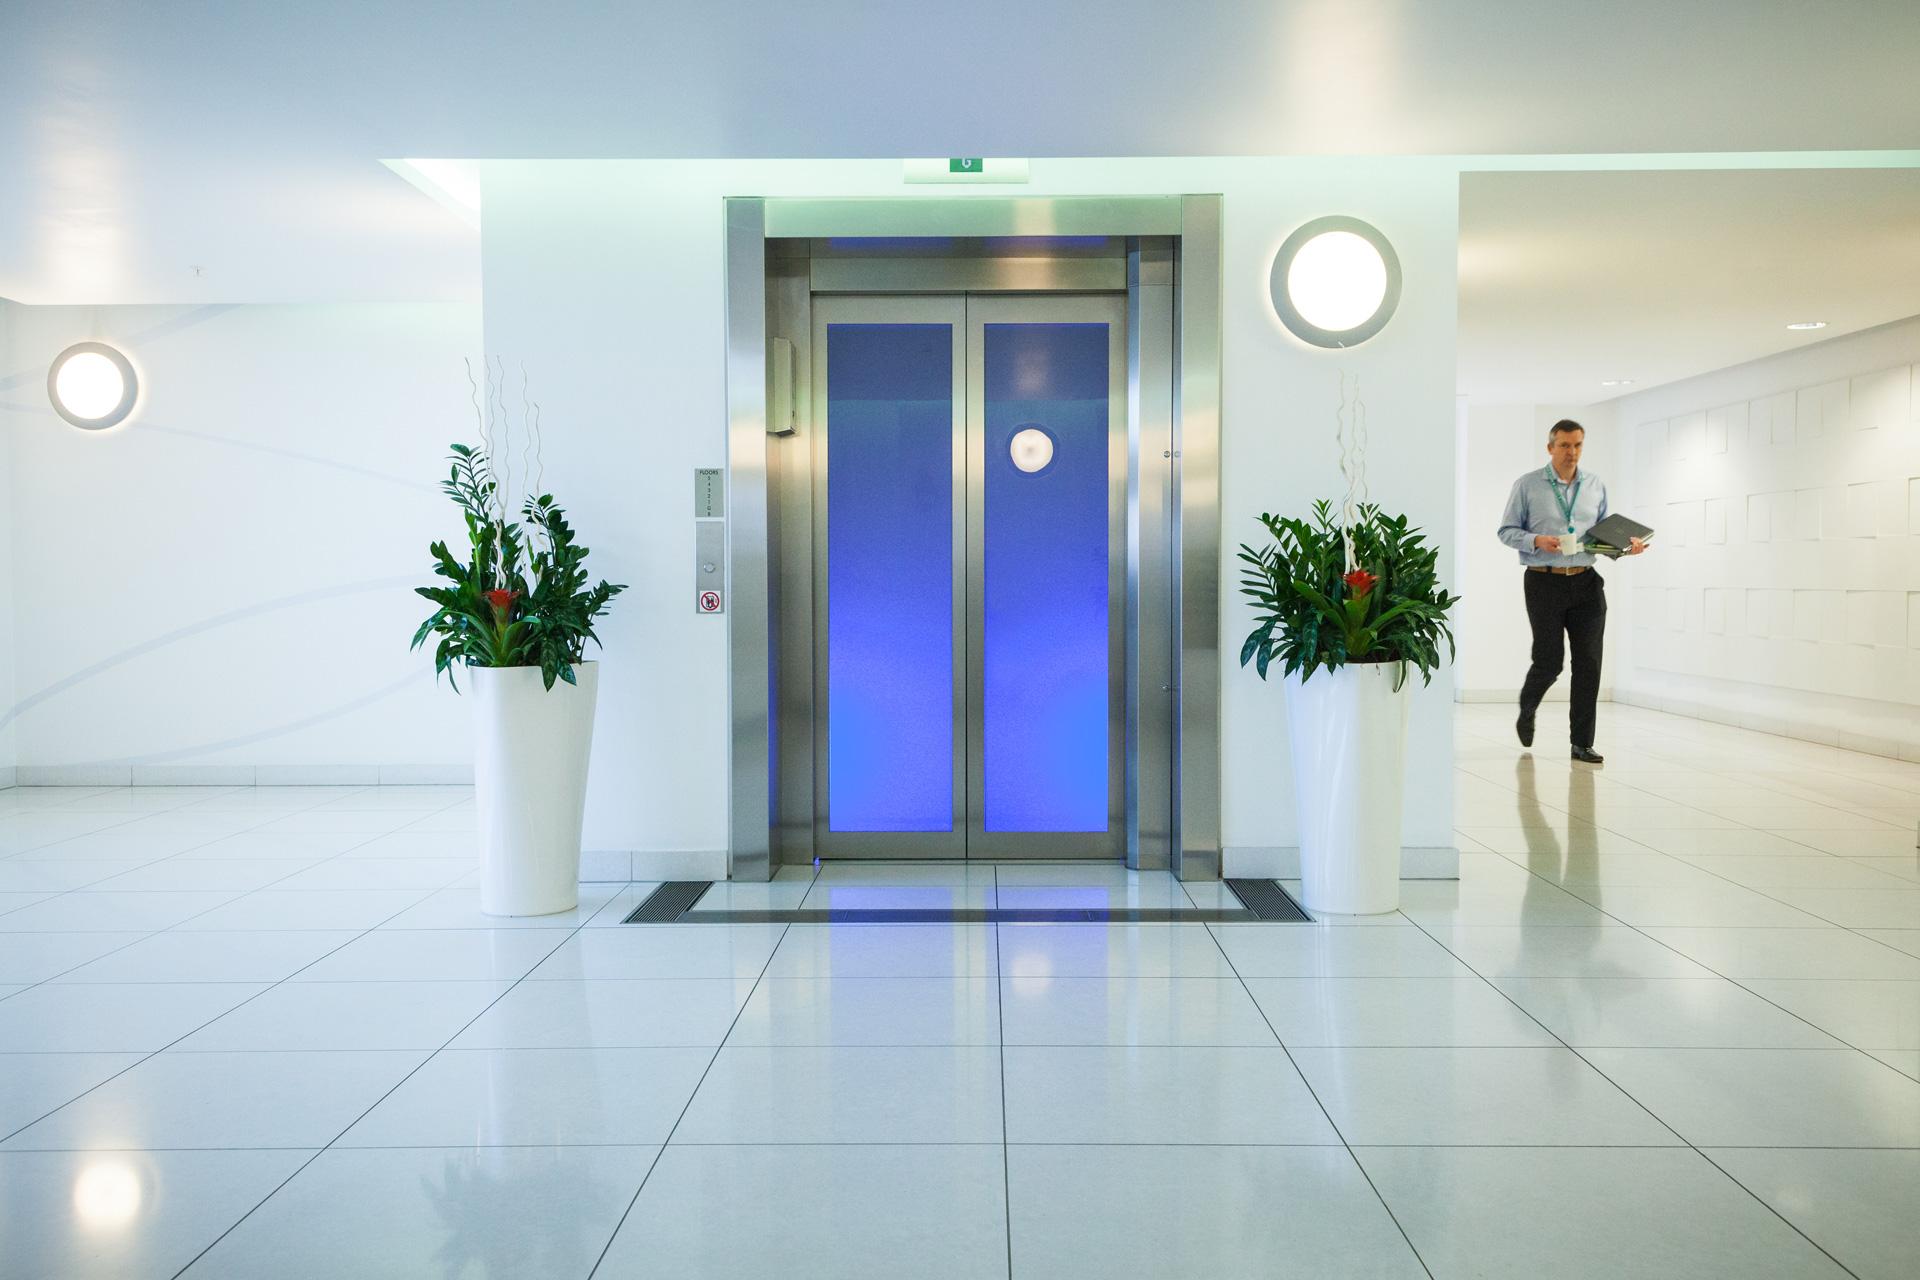 Lift lobby at Broad Gate